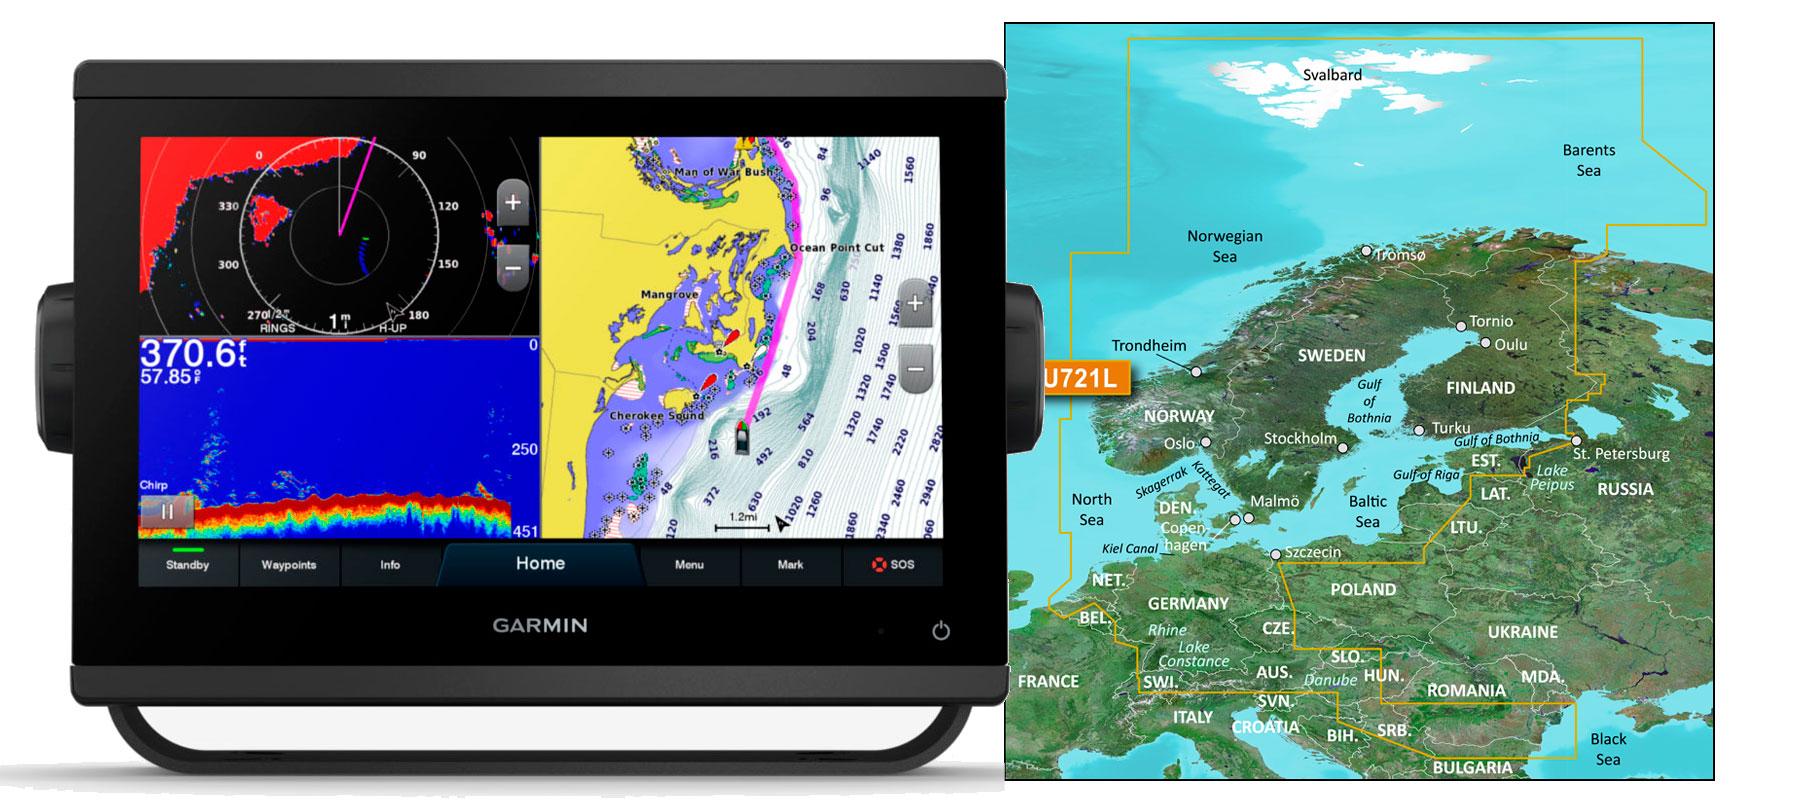 Garmin GPSmap 923xsv med VEU721L søkort